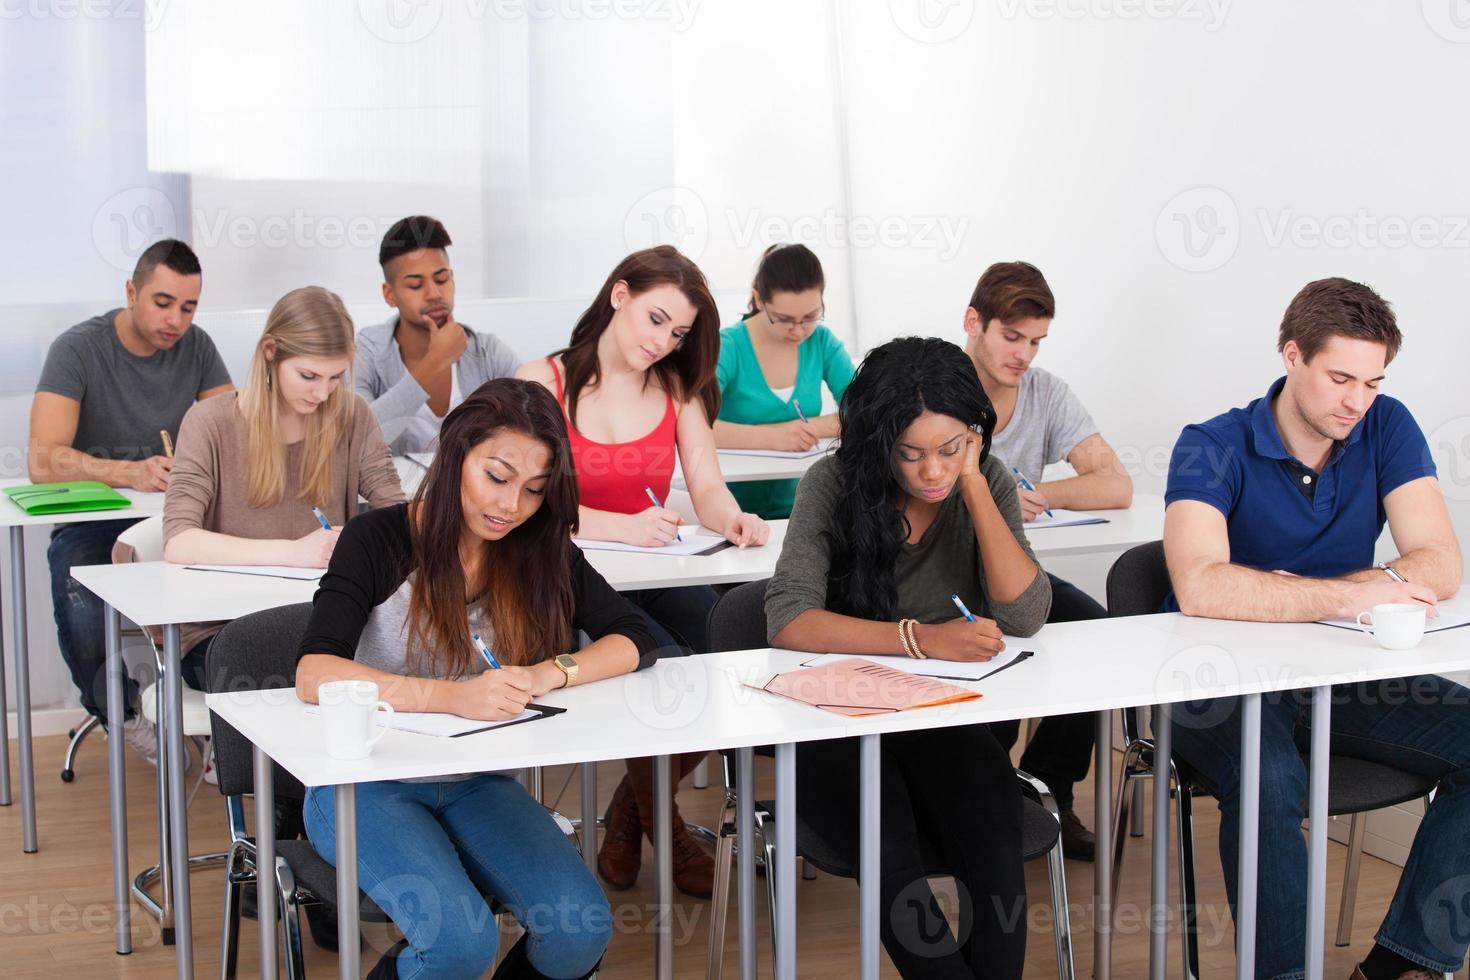 estudiantes universitarios escribiendo en el escritorio foto